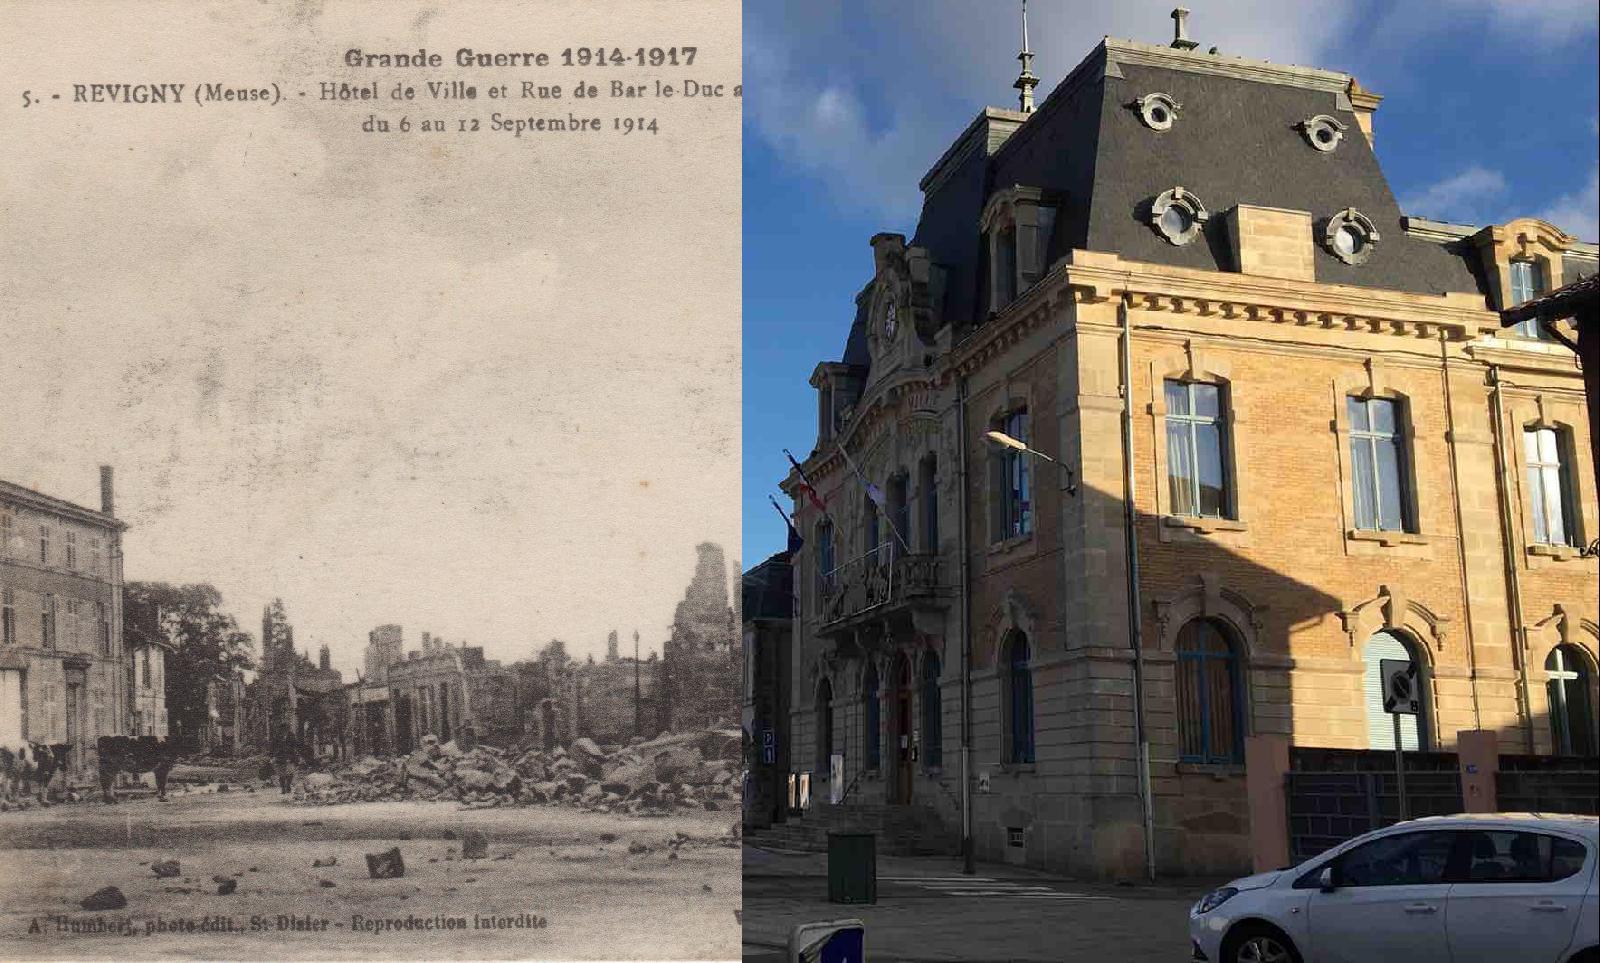 Revigny-sur-Ornain - Hôtel de Ville et Rue de Bar le Duc après le bombardement du 6 au 12 Septembre 1914